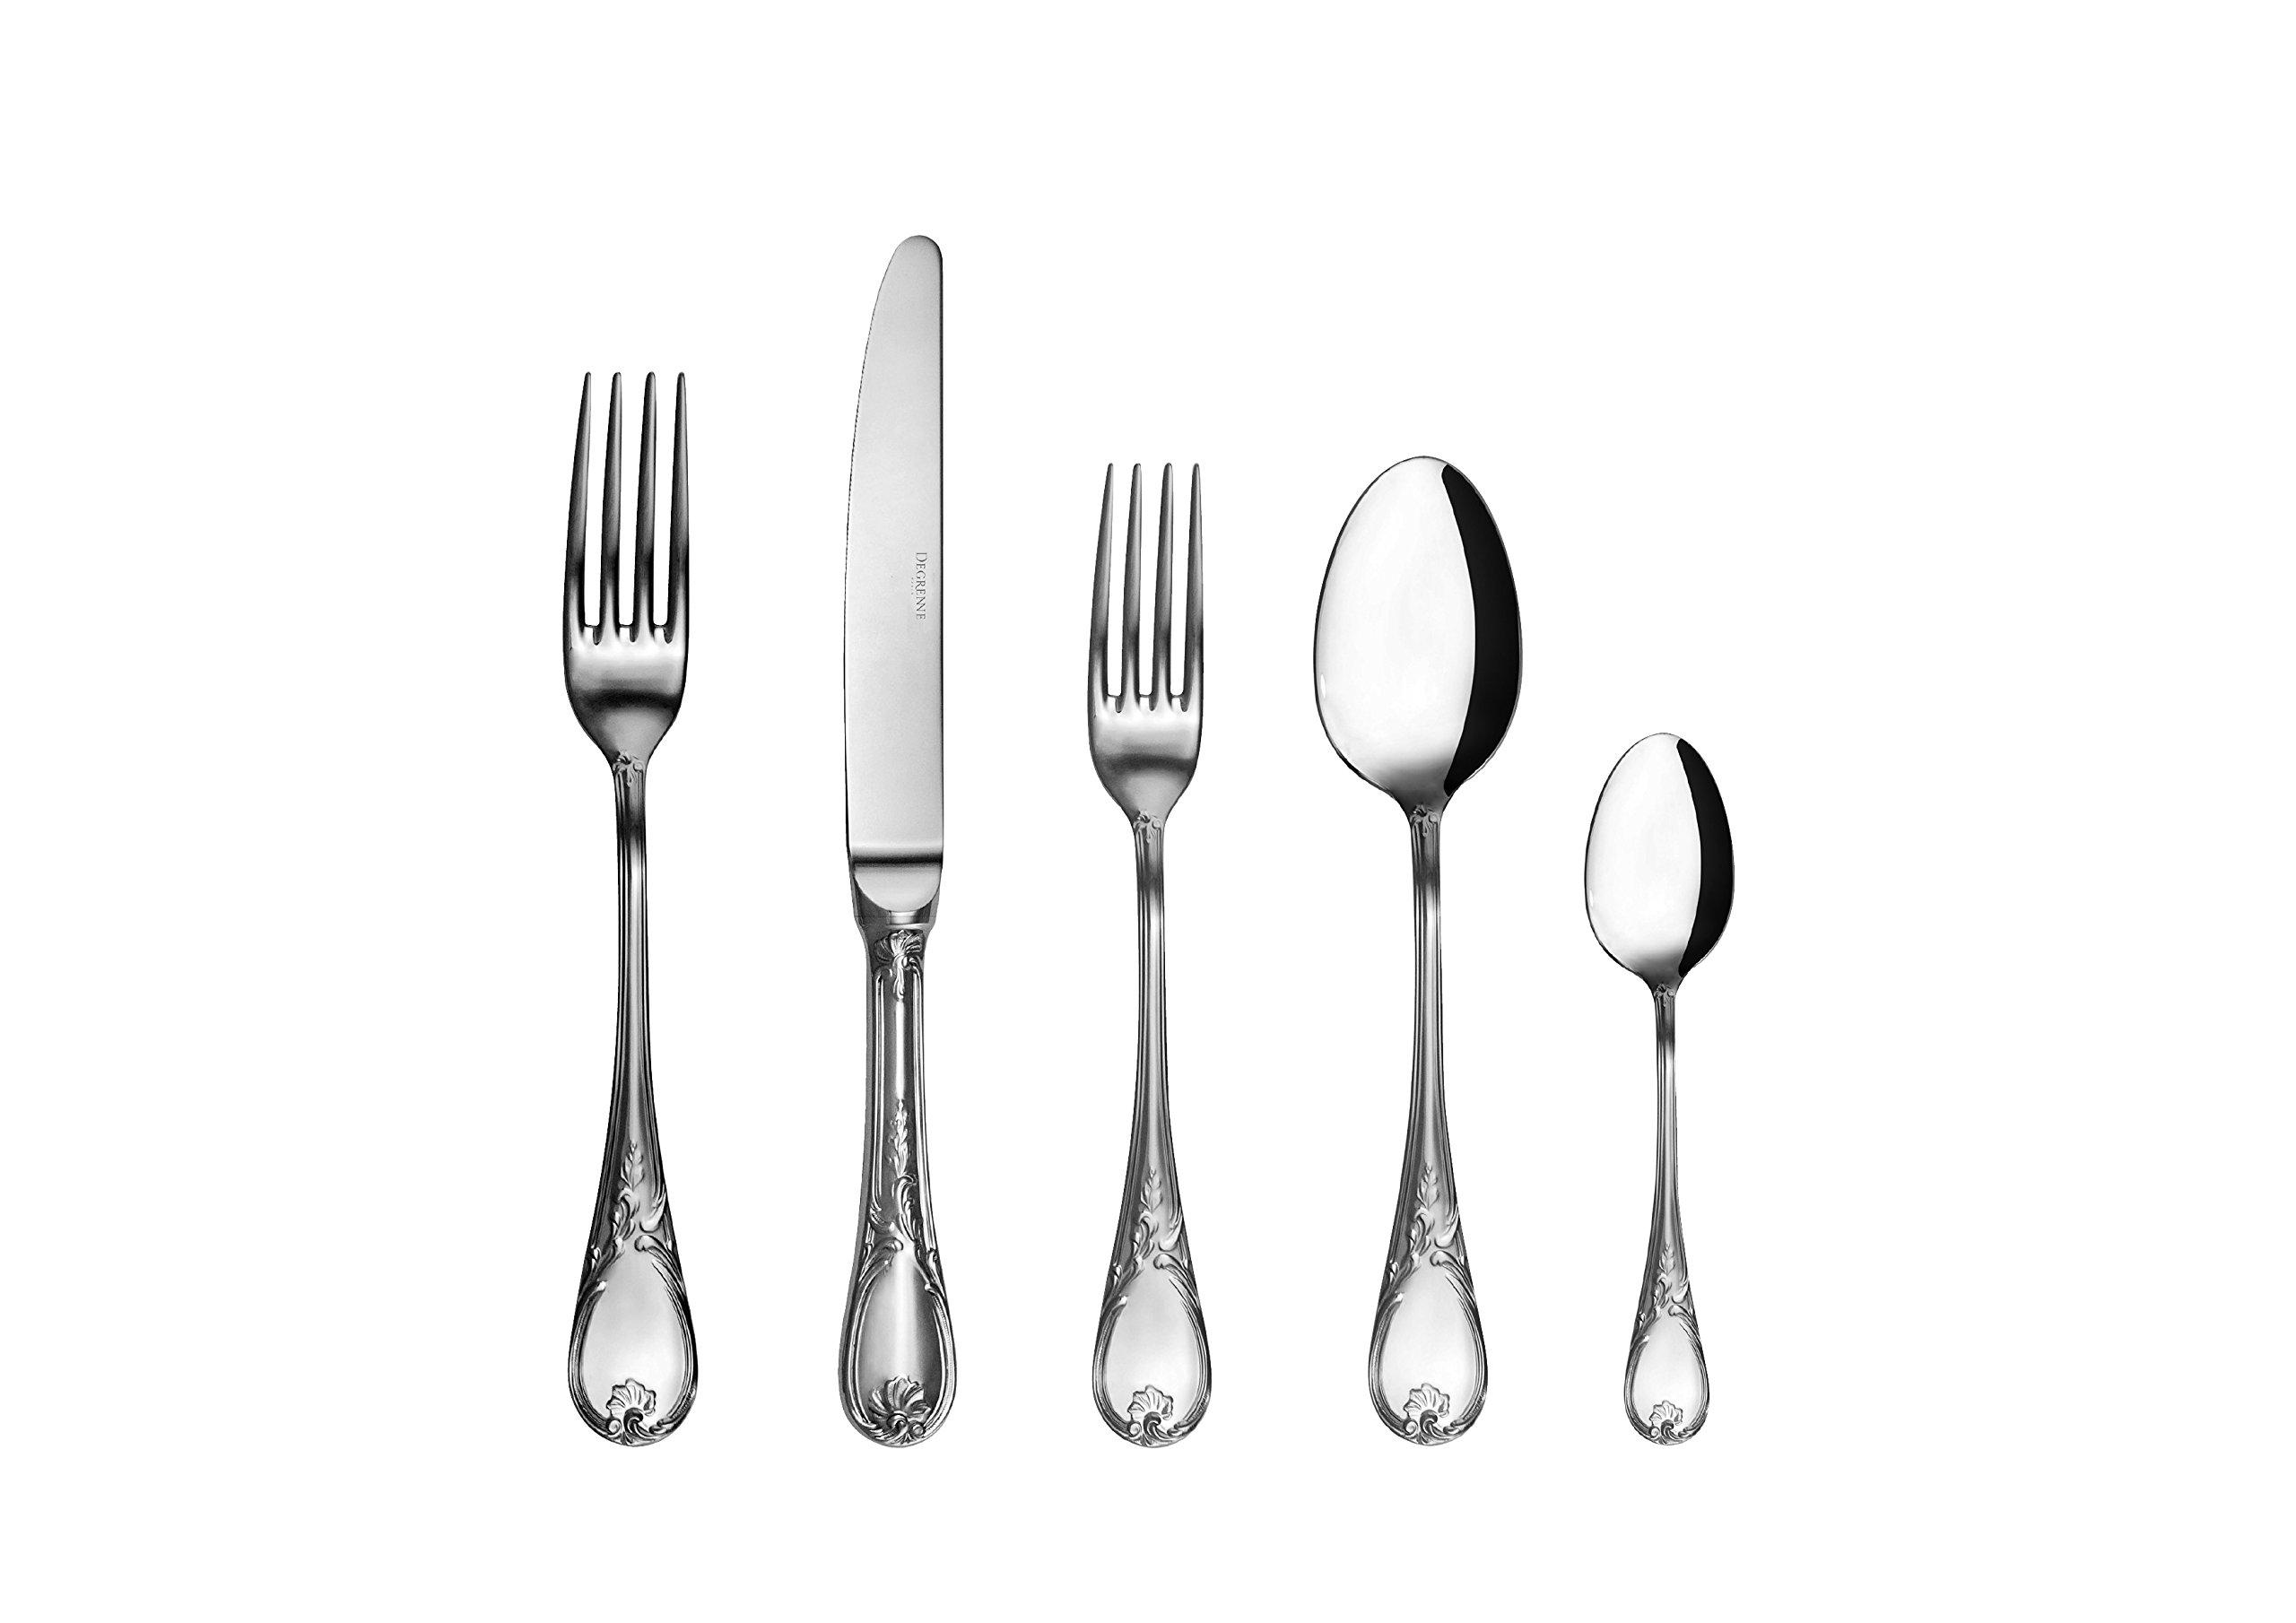 DEGRENNE Stainless steel Vieux Paris Satine Flatware 5 Pieces Set